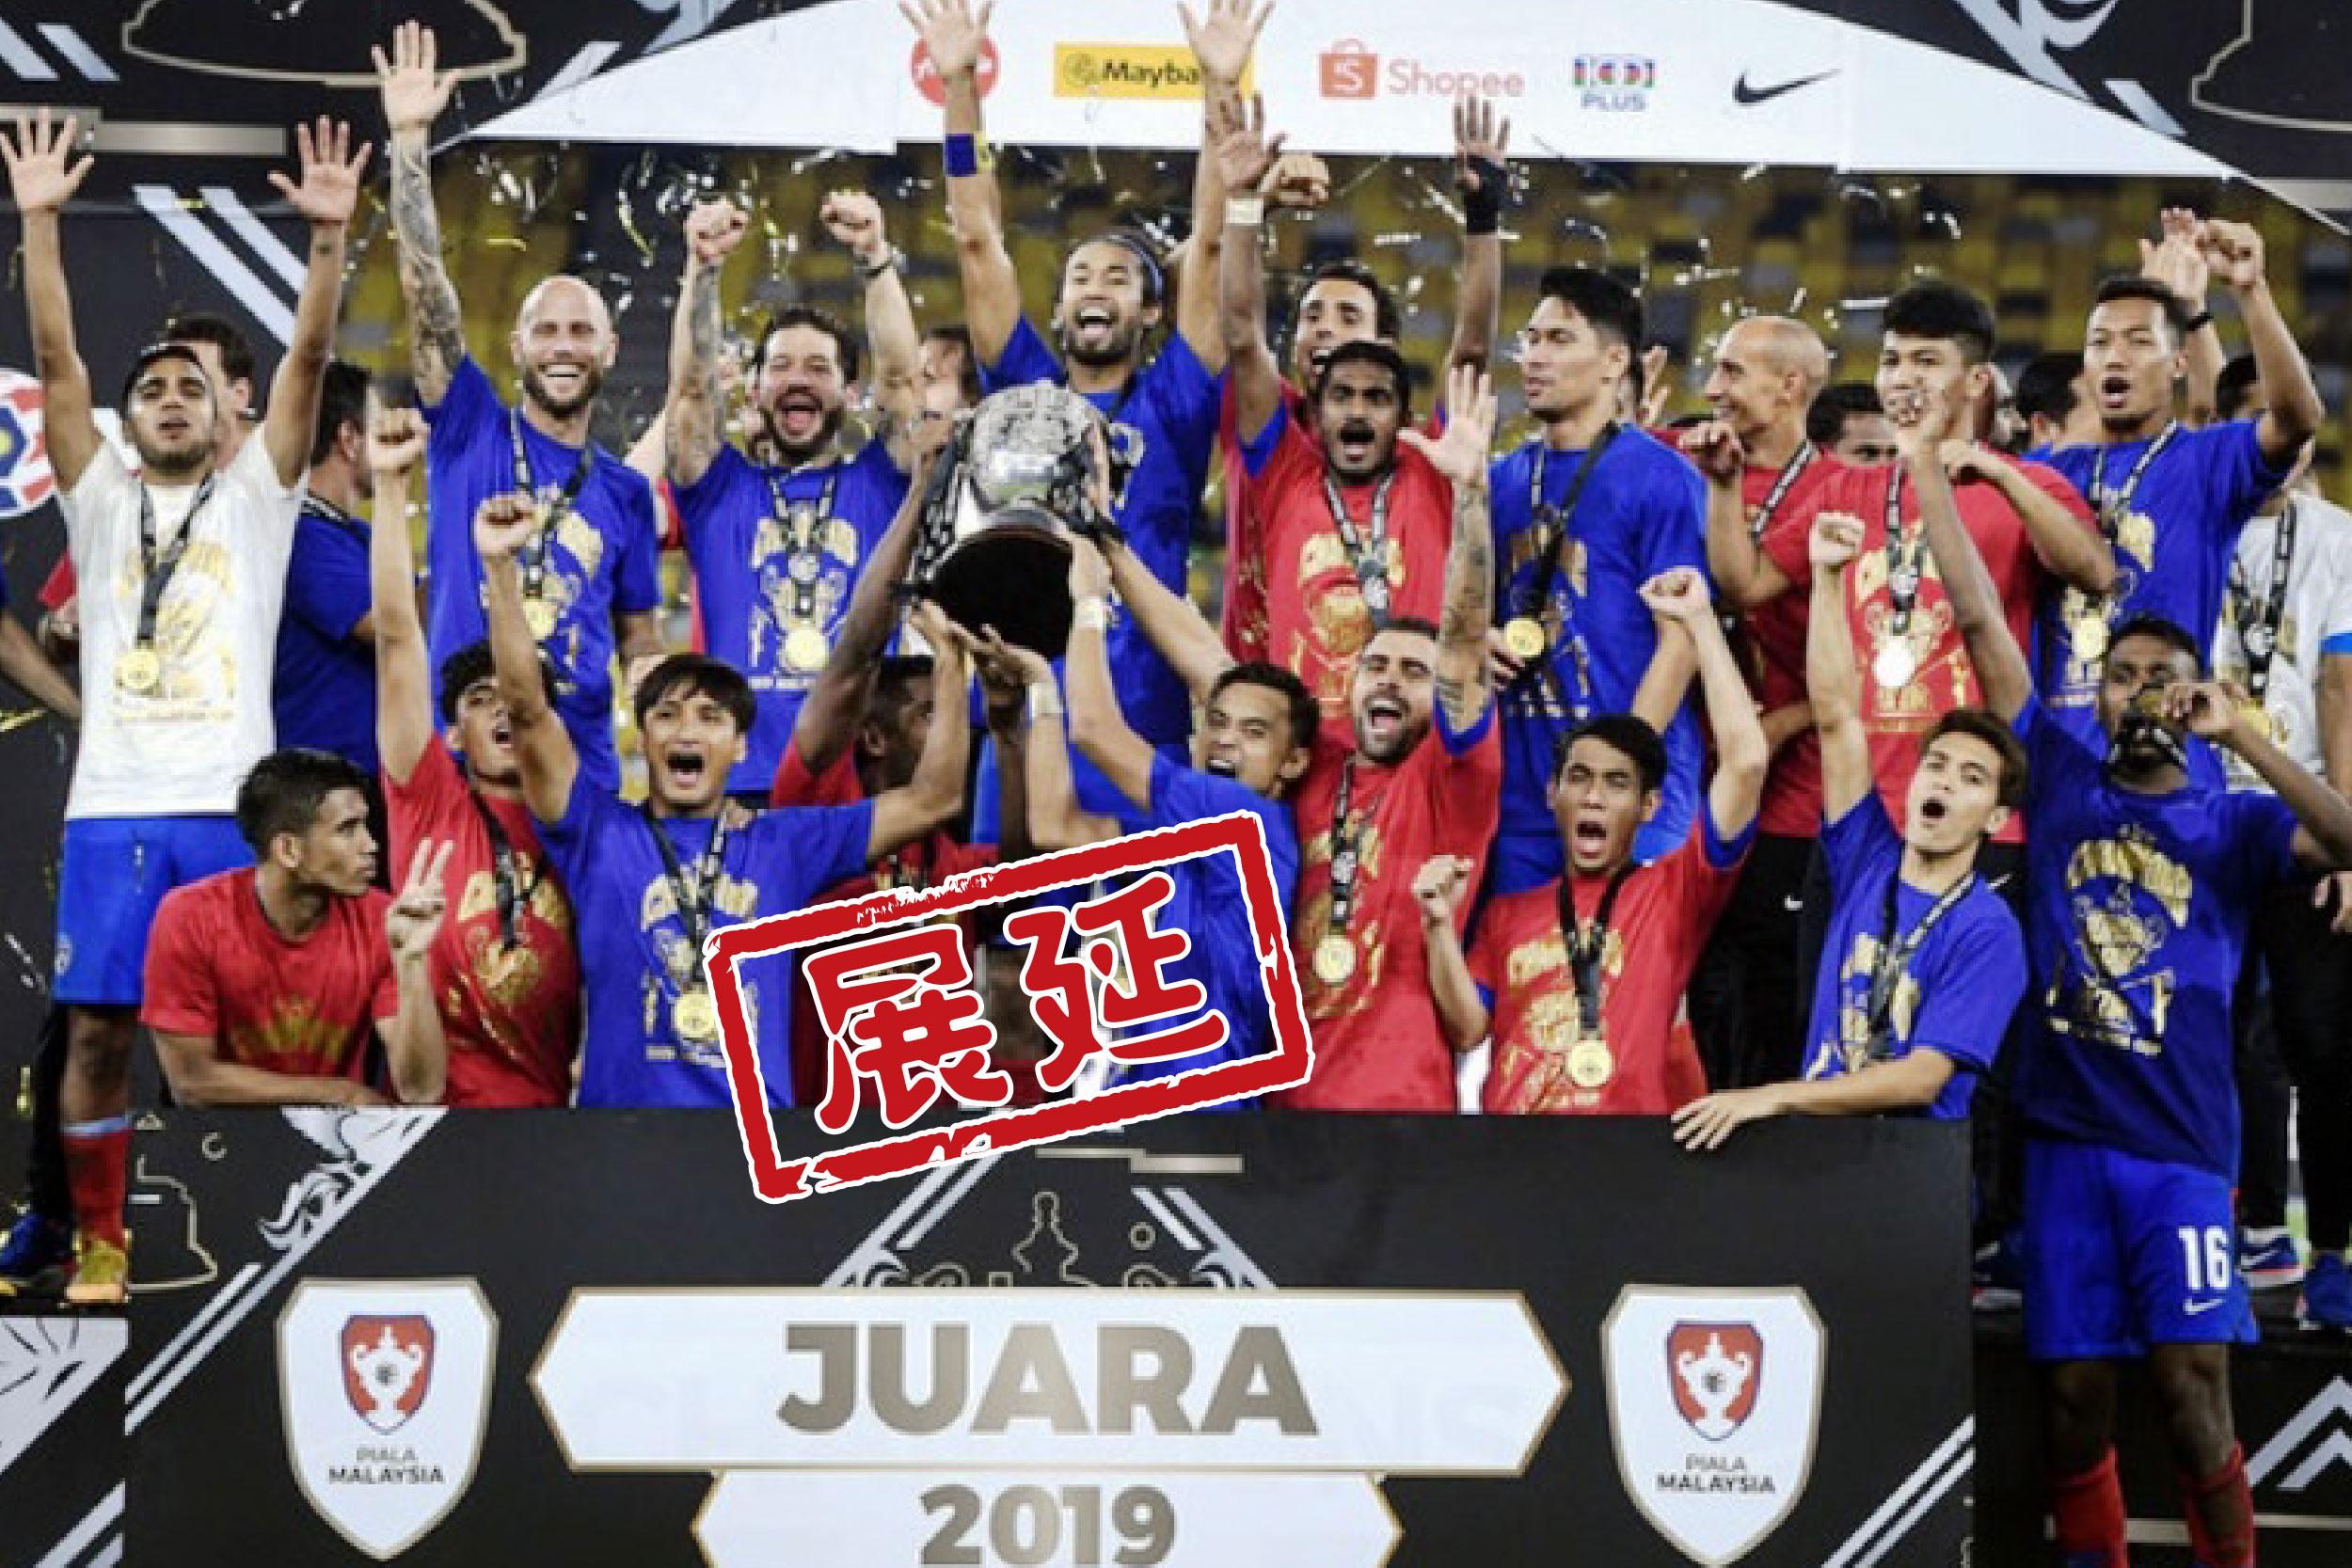 柔佛DT去年拿下马来西亚杯赛冠军,不过今年在疫情影响下,很可能面临赛事取消而无法卫冕。-马新社/精彩大马制图-